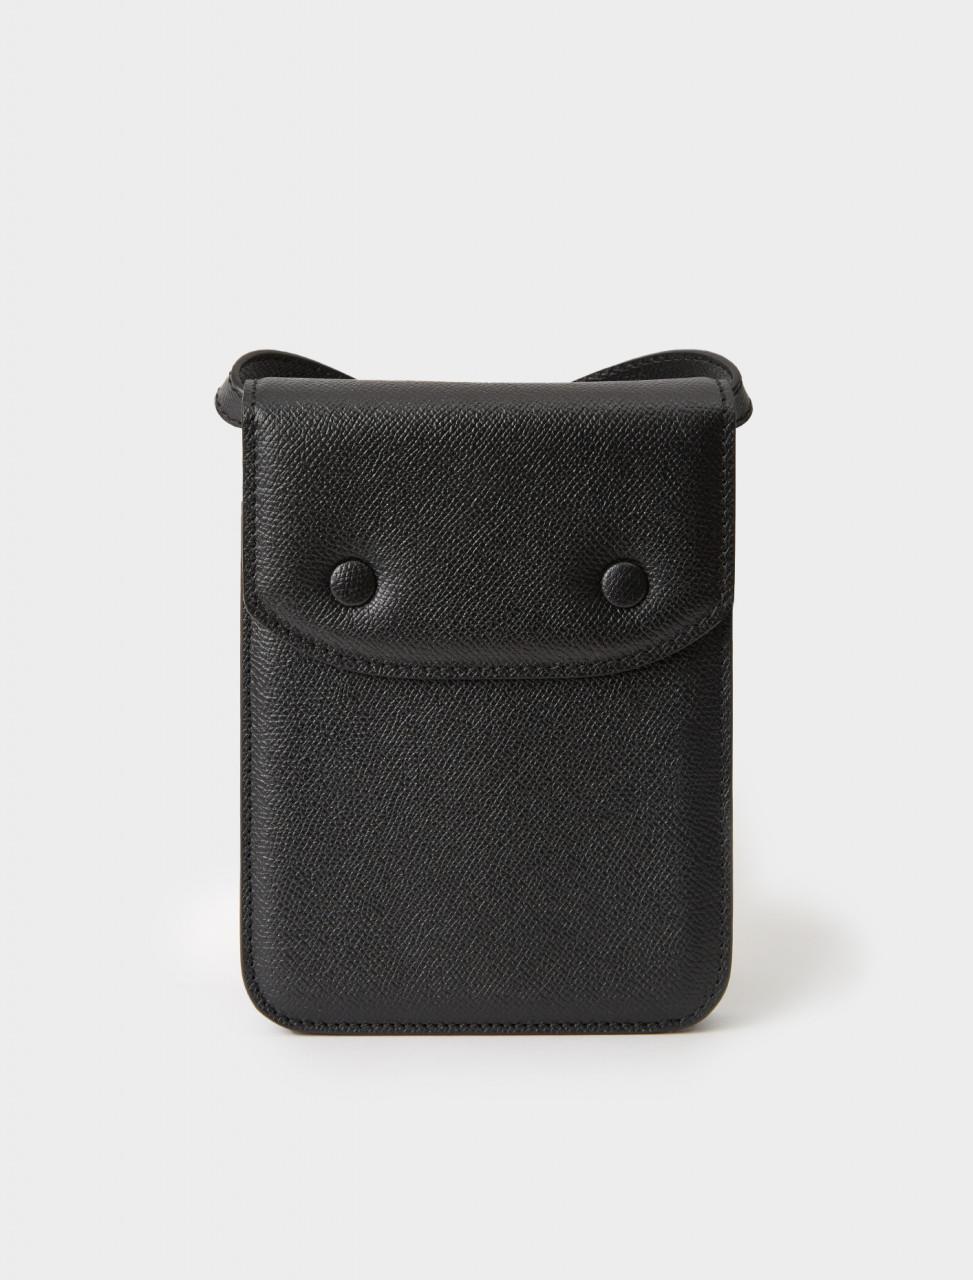 S35WG0159-T8013 MAISON MARGIELA SHOULDER BAG BLACK